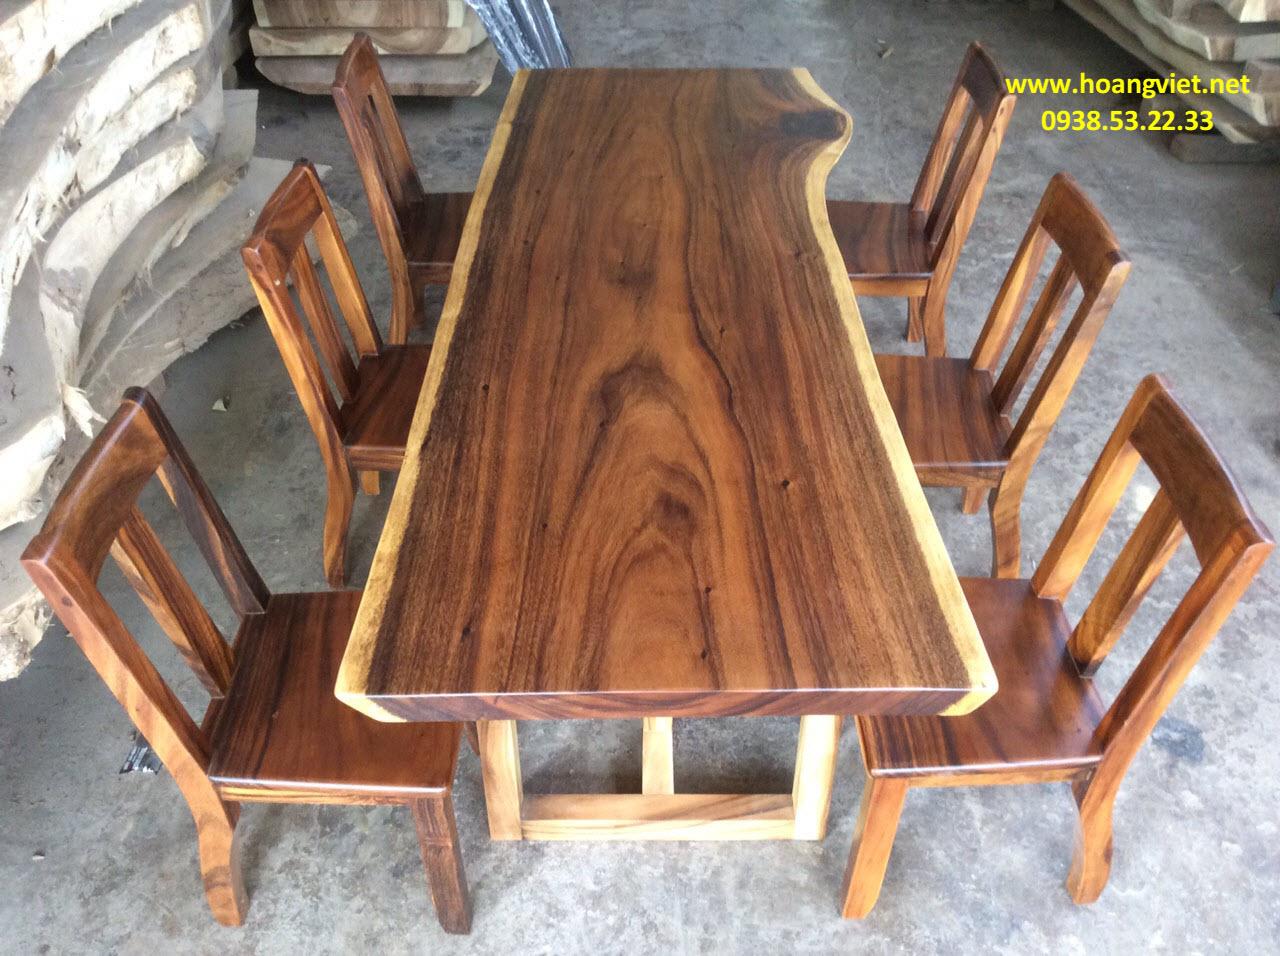 Những bộ bàn ghế gỗ me tây đẹp mê hồn với hệ vân siêu đẳng.